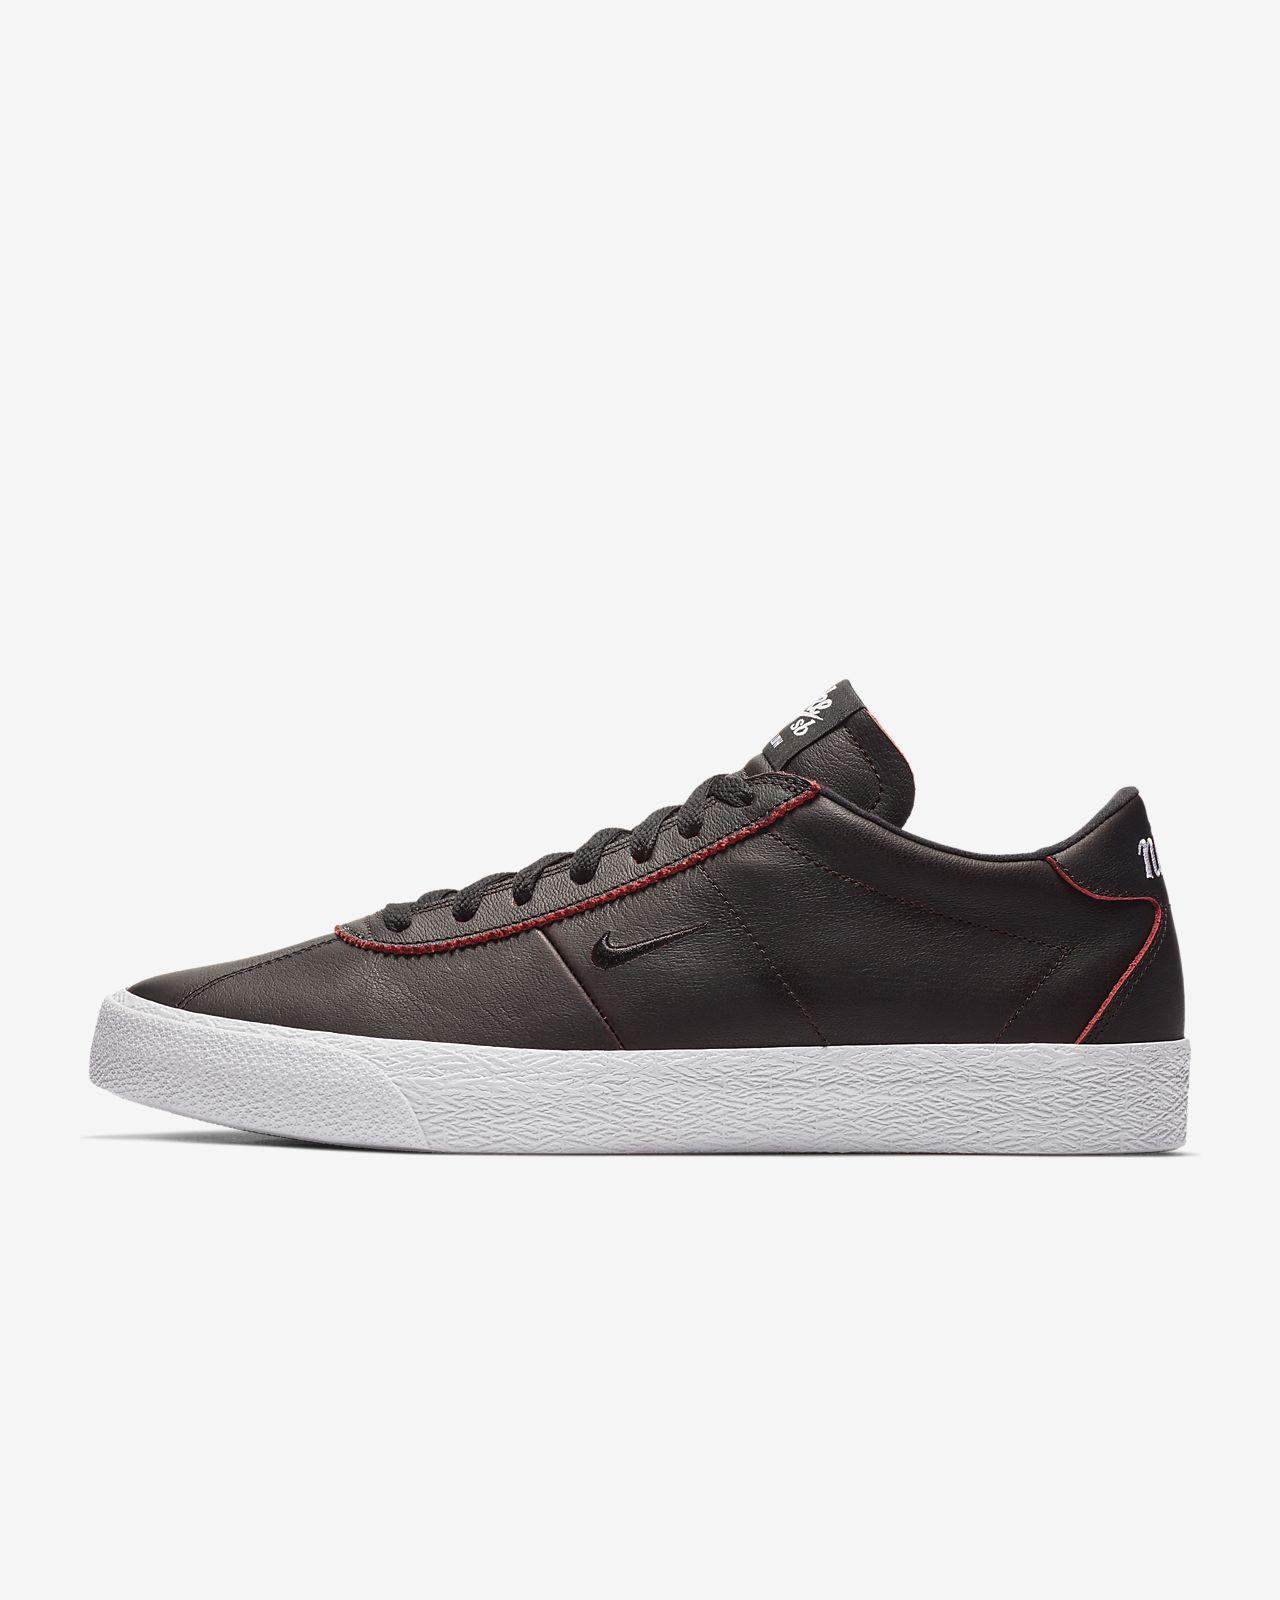 Nike SB Zoom Bruin NBA Zapatillas de skateboard